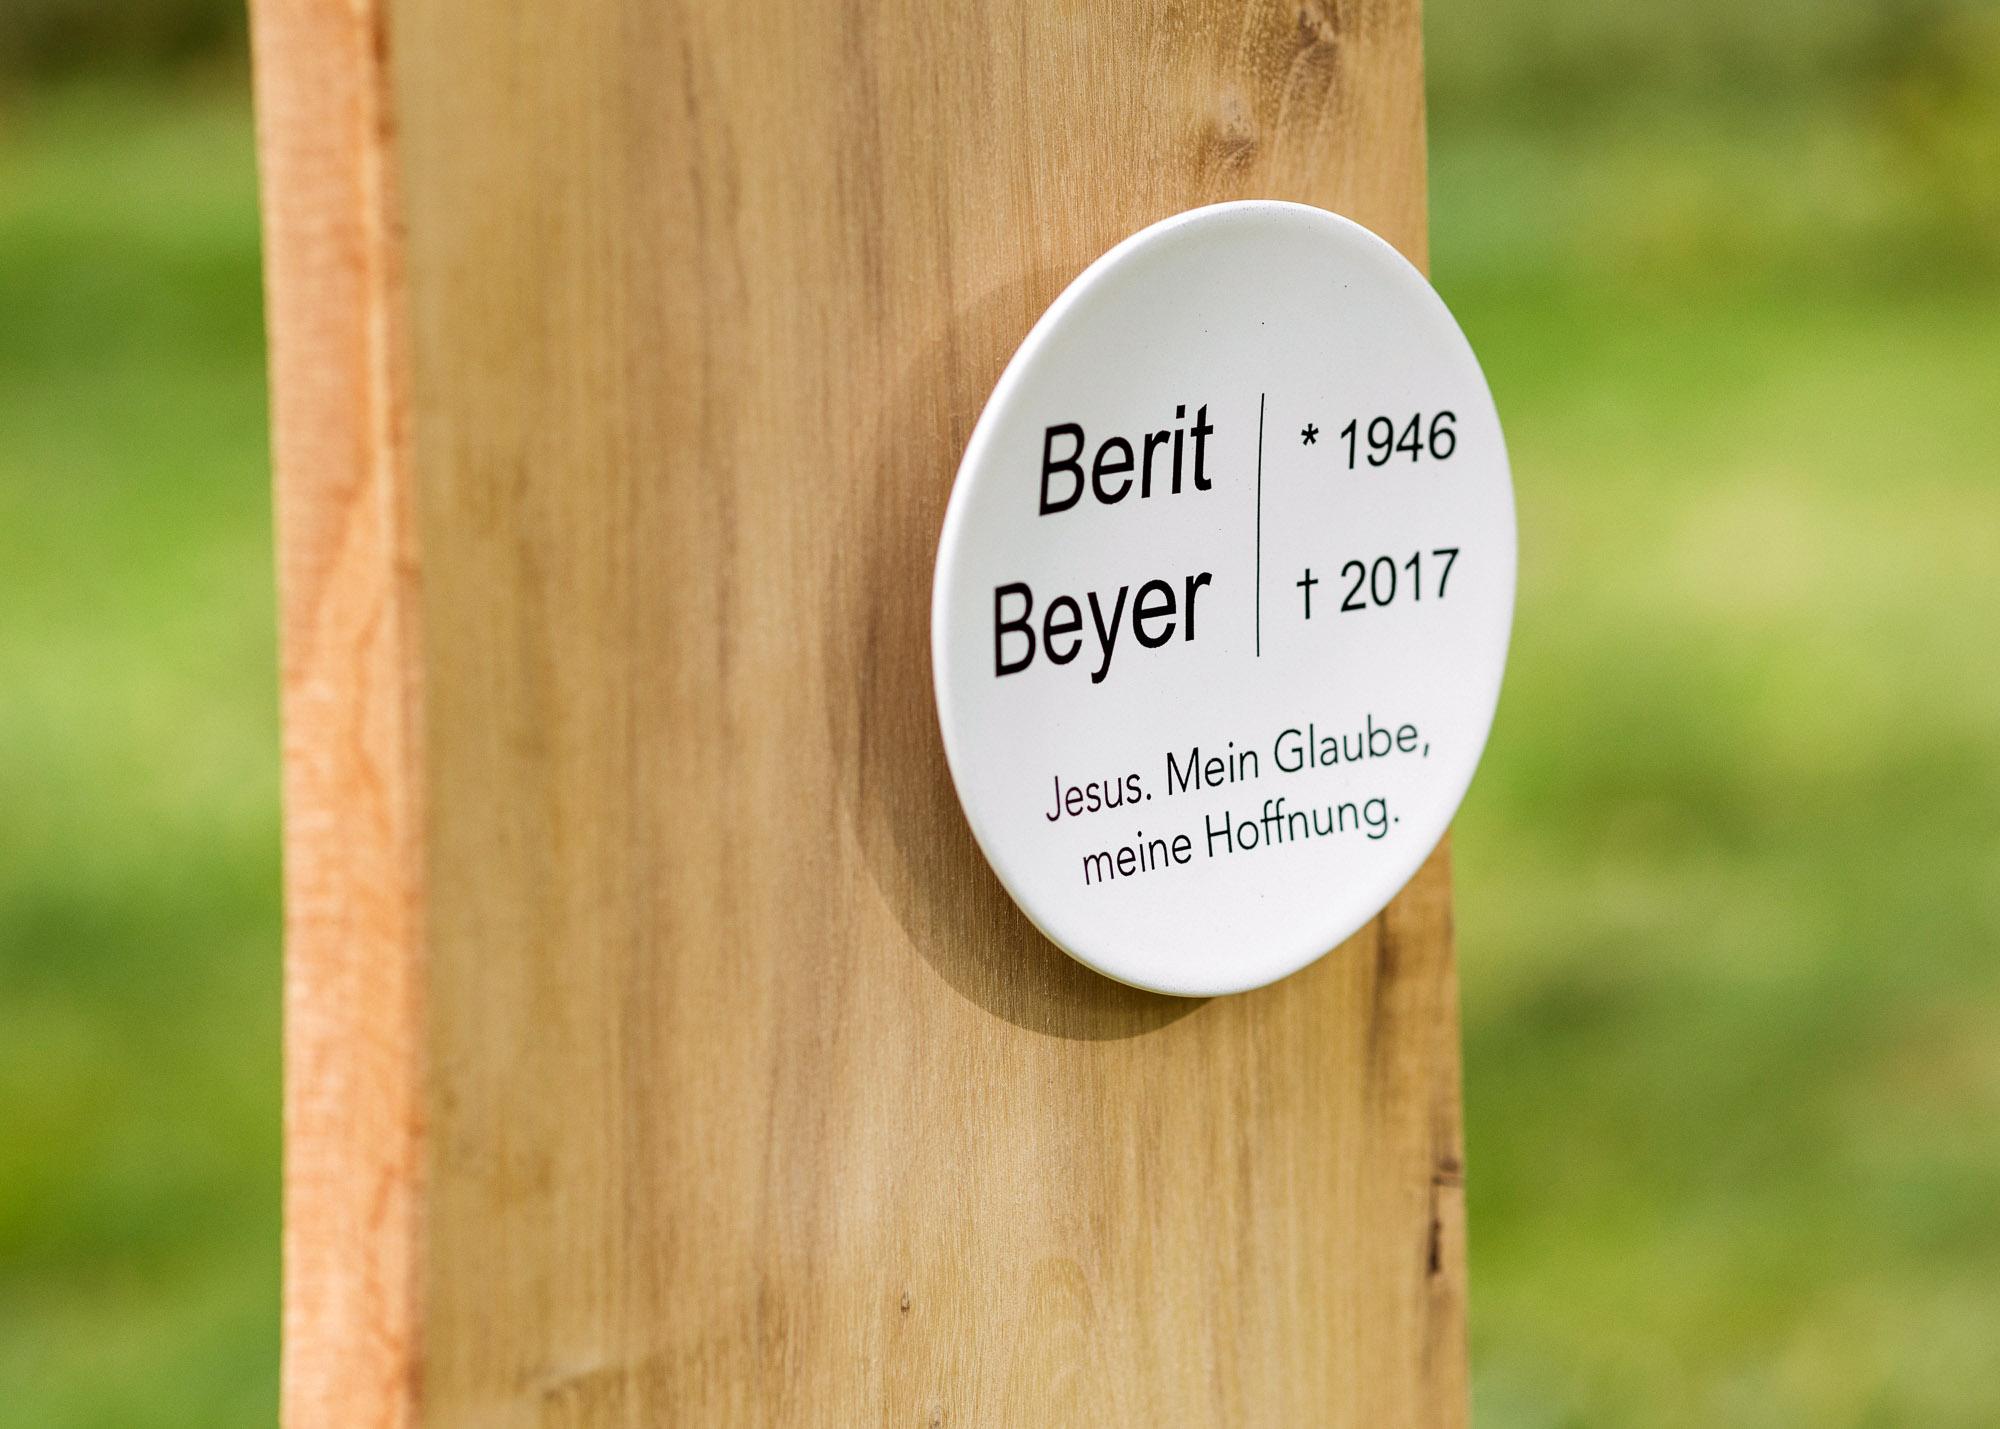 Holzgrabmal in Naturform mit kleinem bombiertem Emailleschild